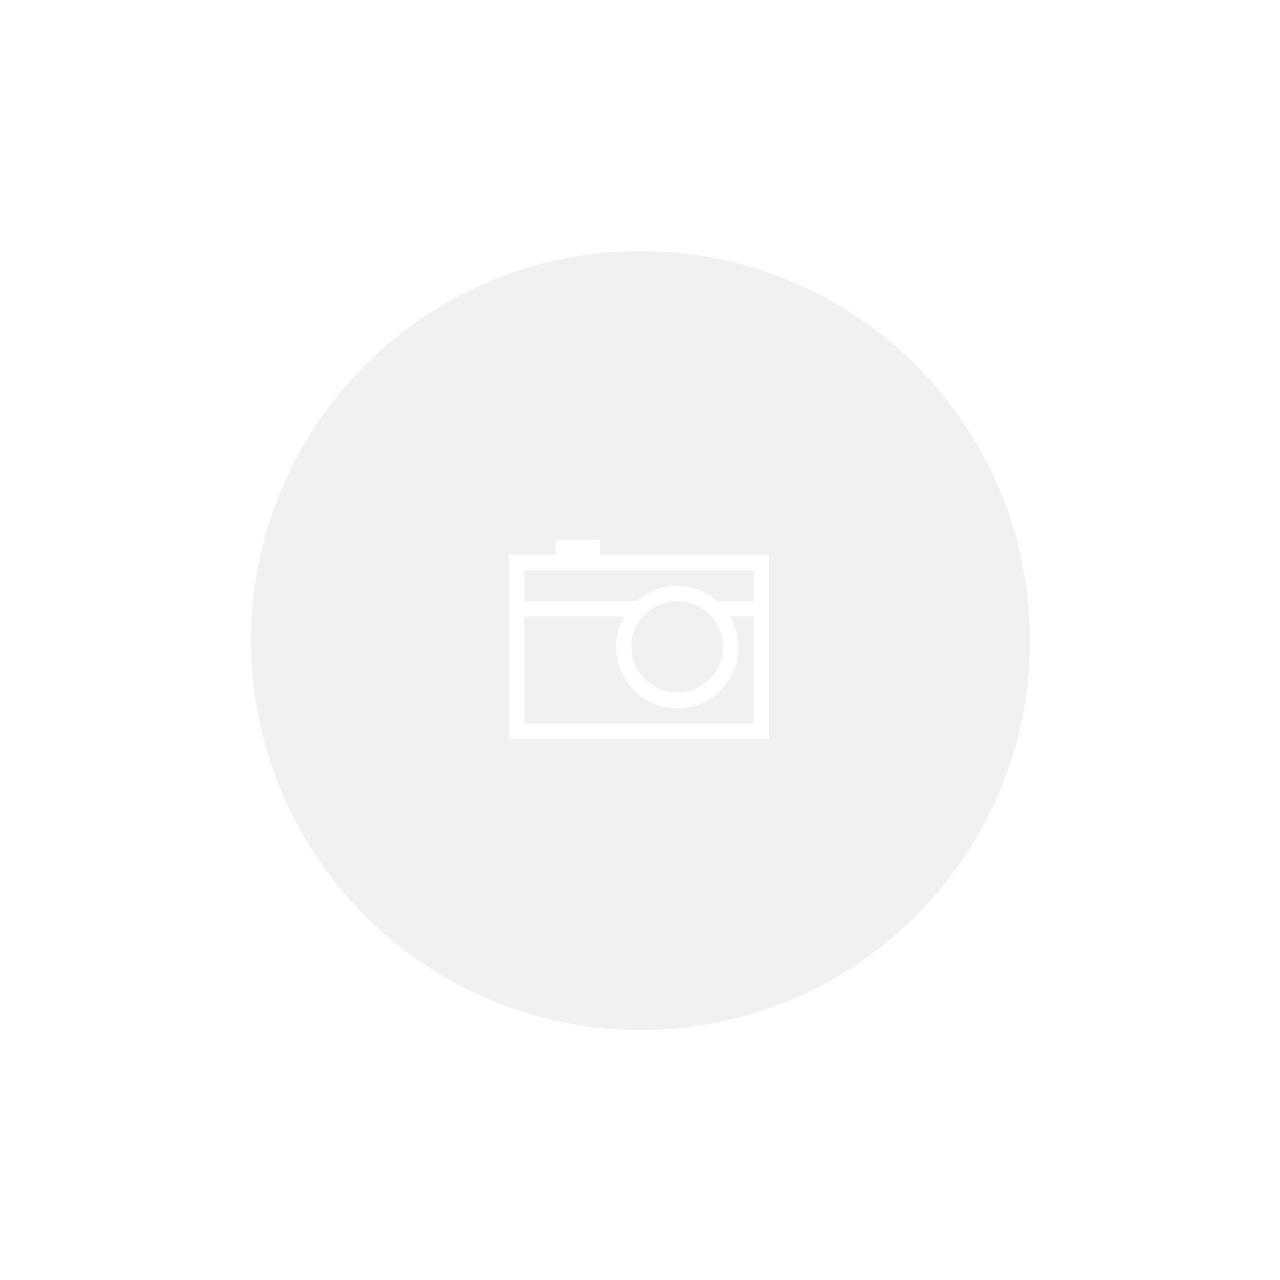 Bandeja Espelhada Retangular 36X20 cm